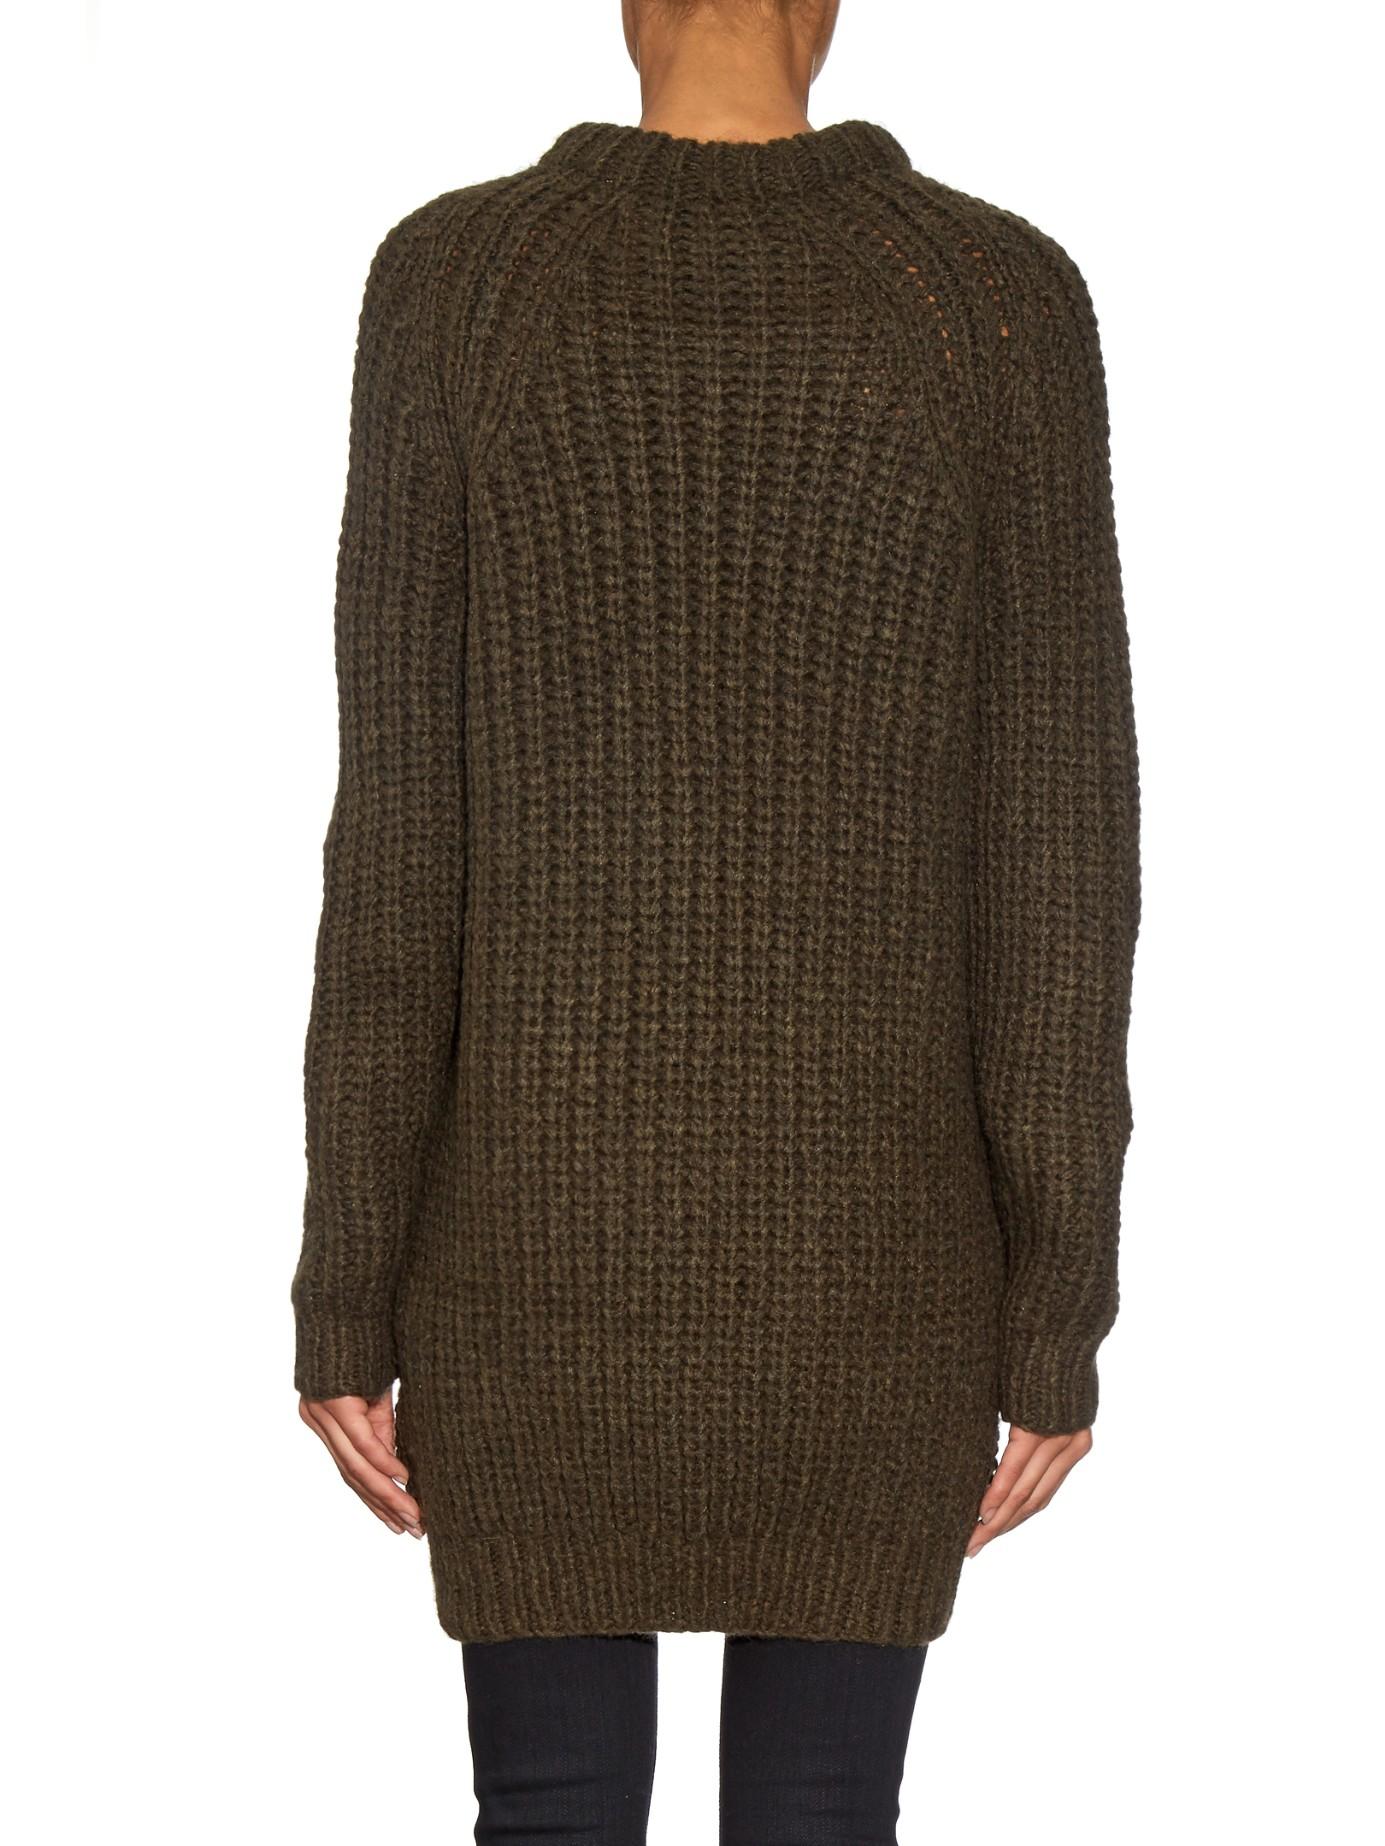 fedbbc908 Lyst - NLST Fisherman Wool Sweater Dress in Natural